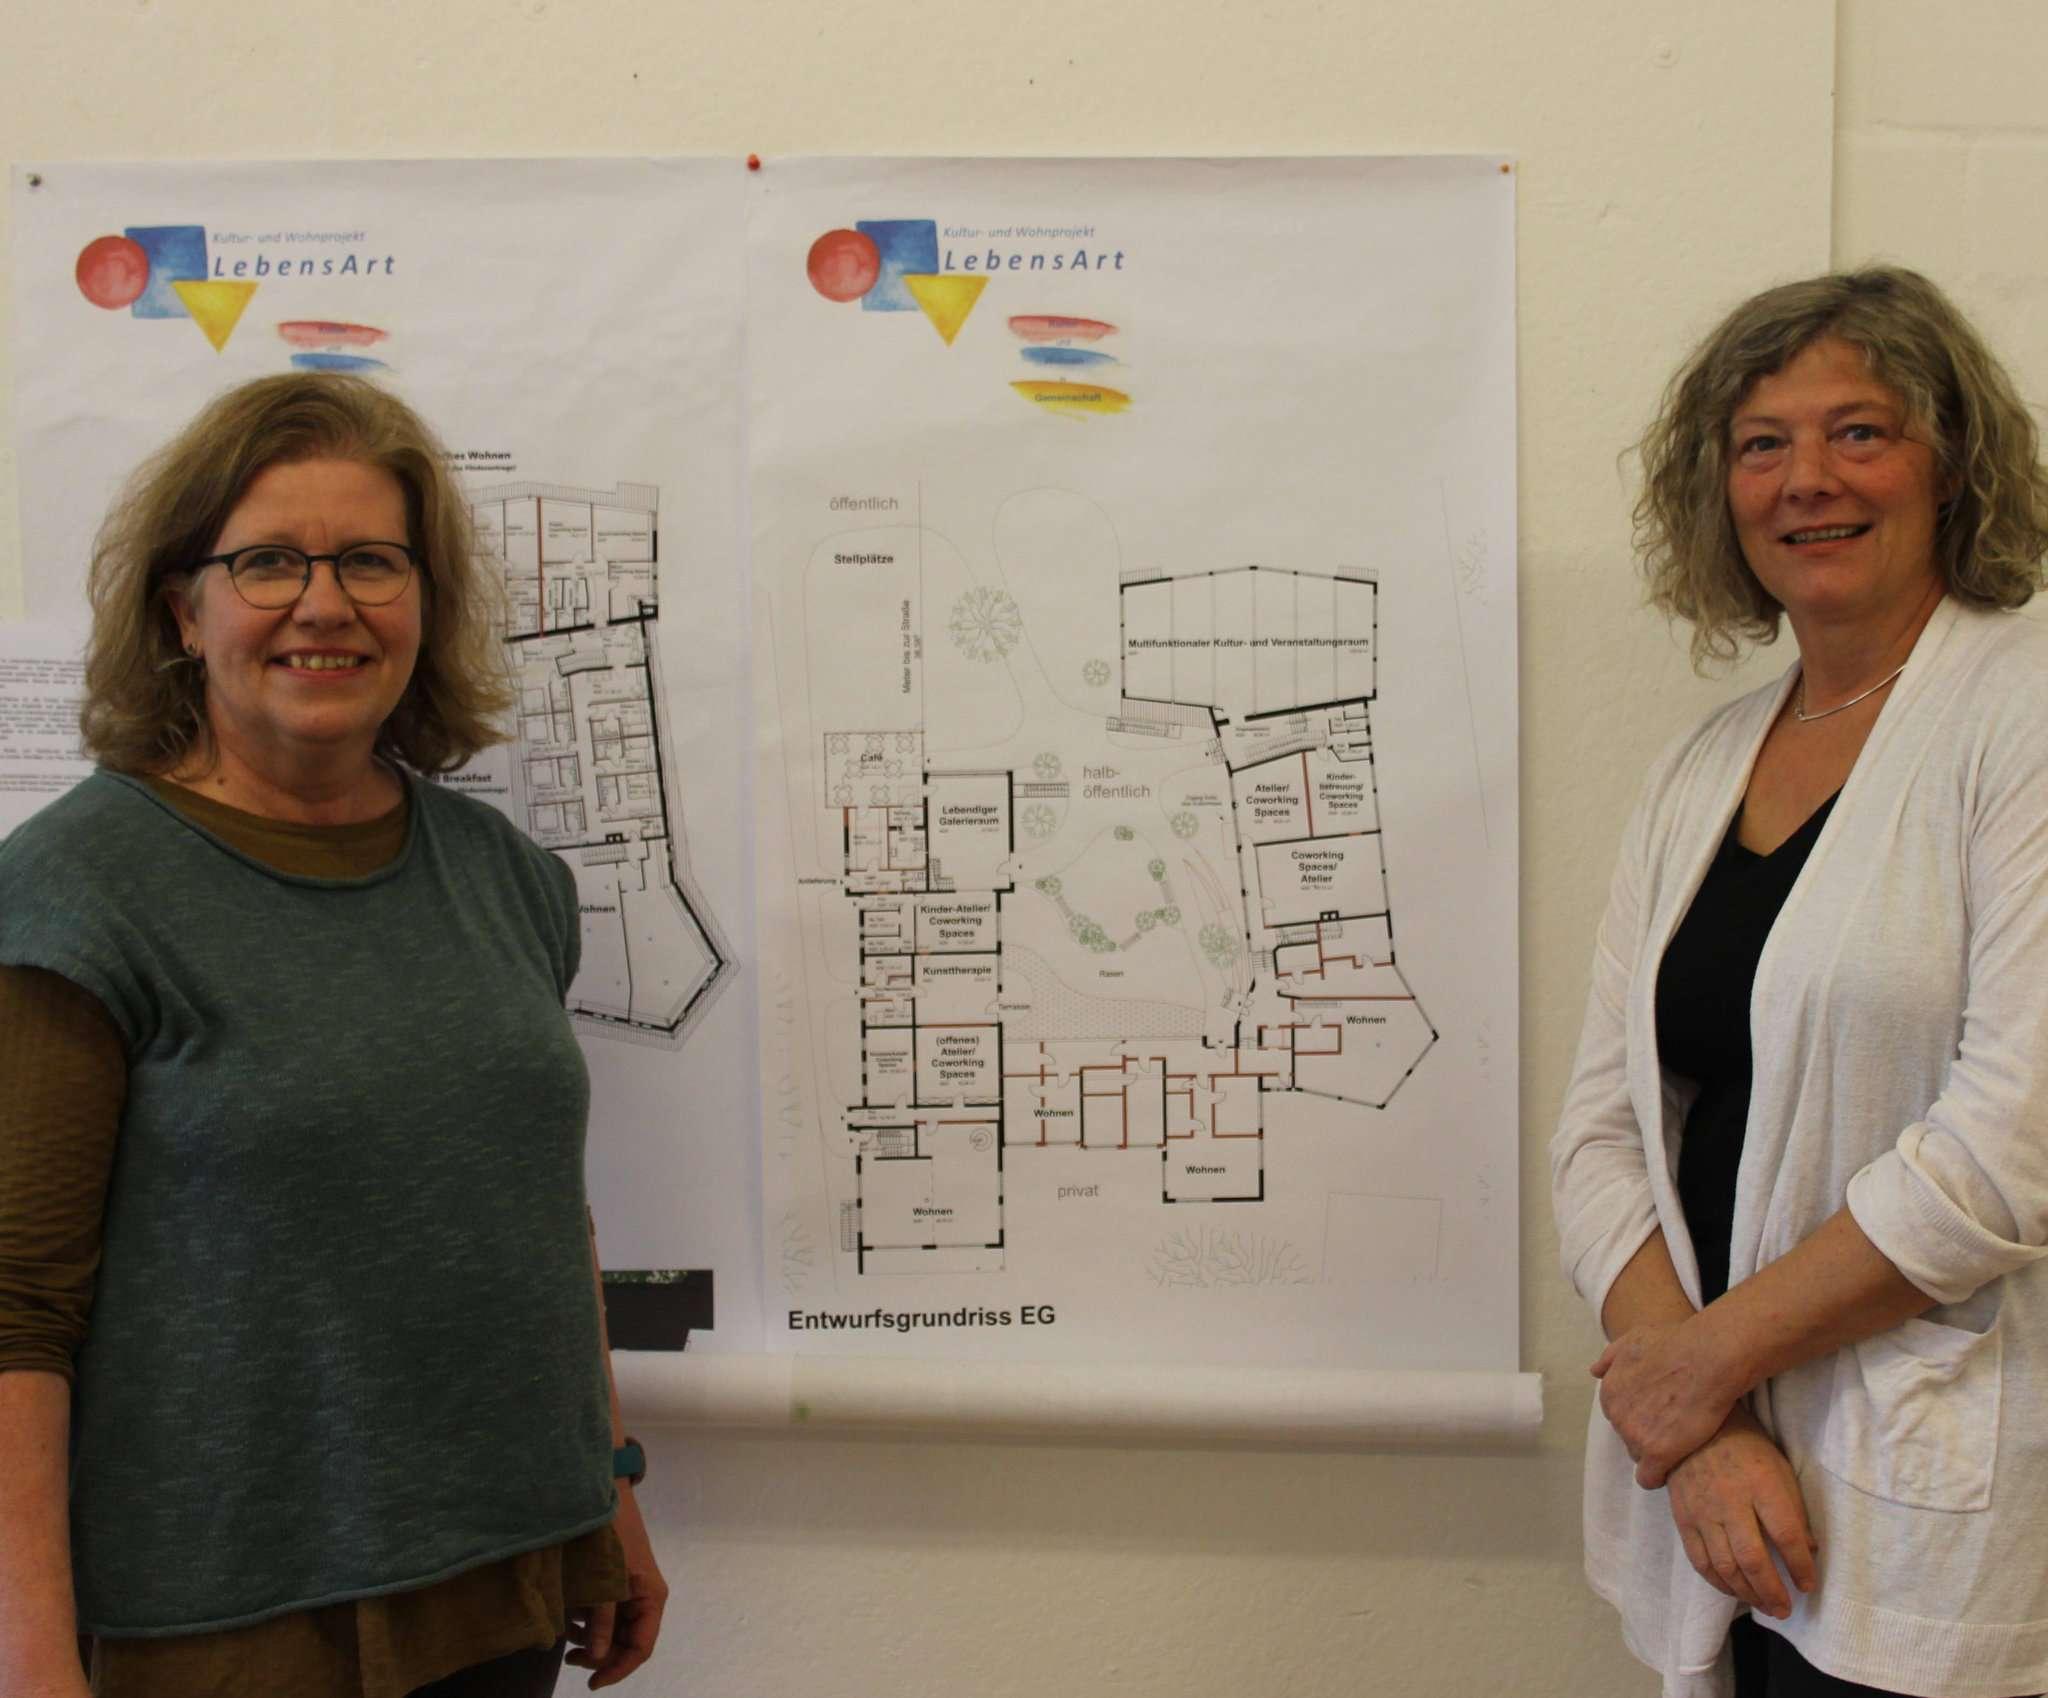 Haben große Pläne: Silvia Ingenfeld (links) und Christine Pockels stellen am 7. Dezember das Wohnprojekt